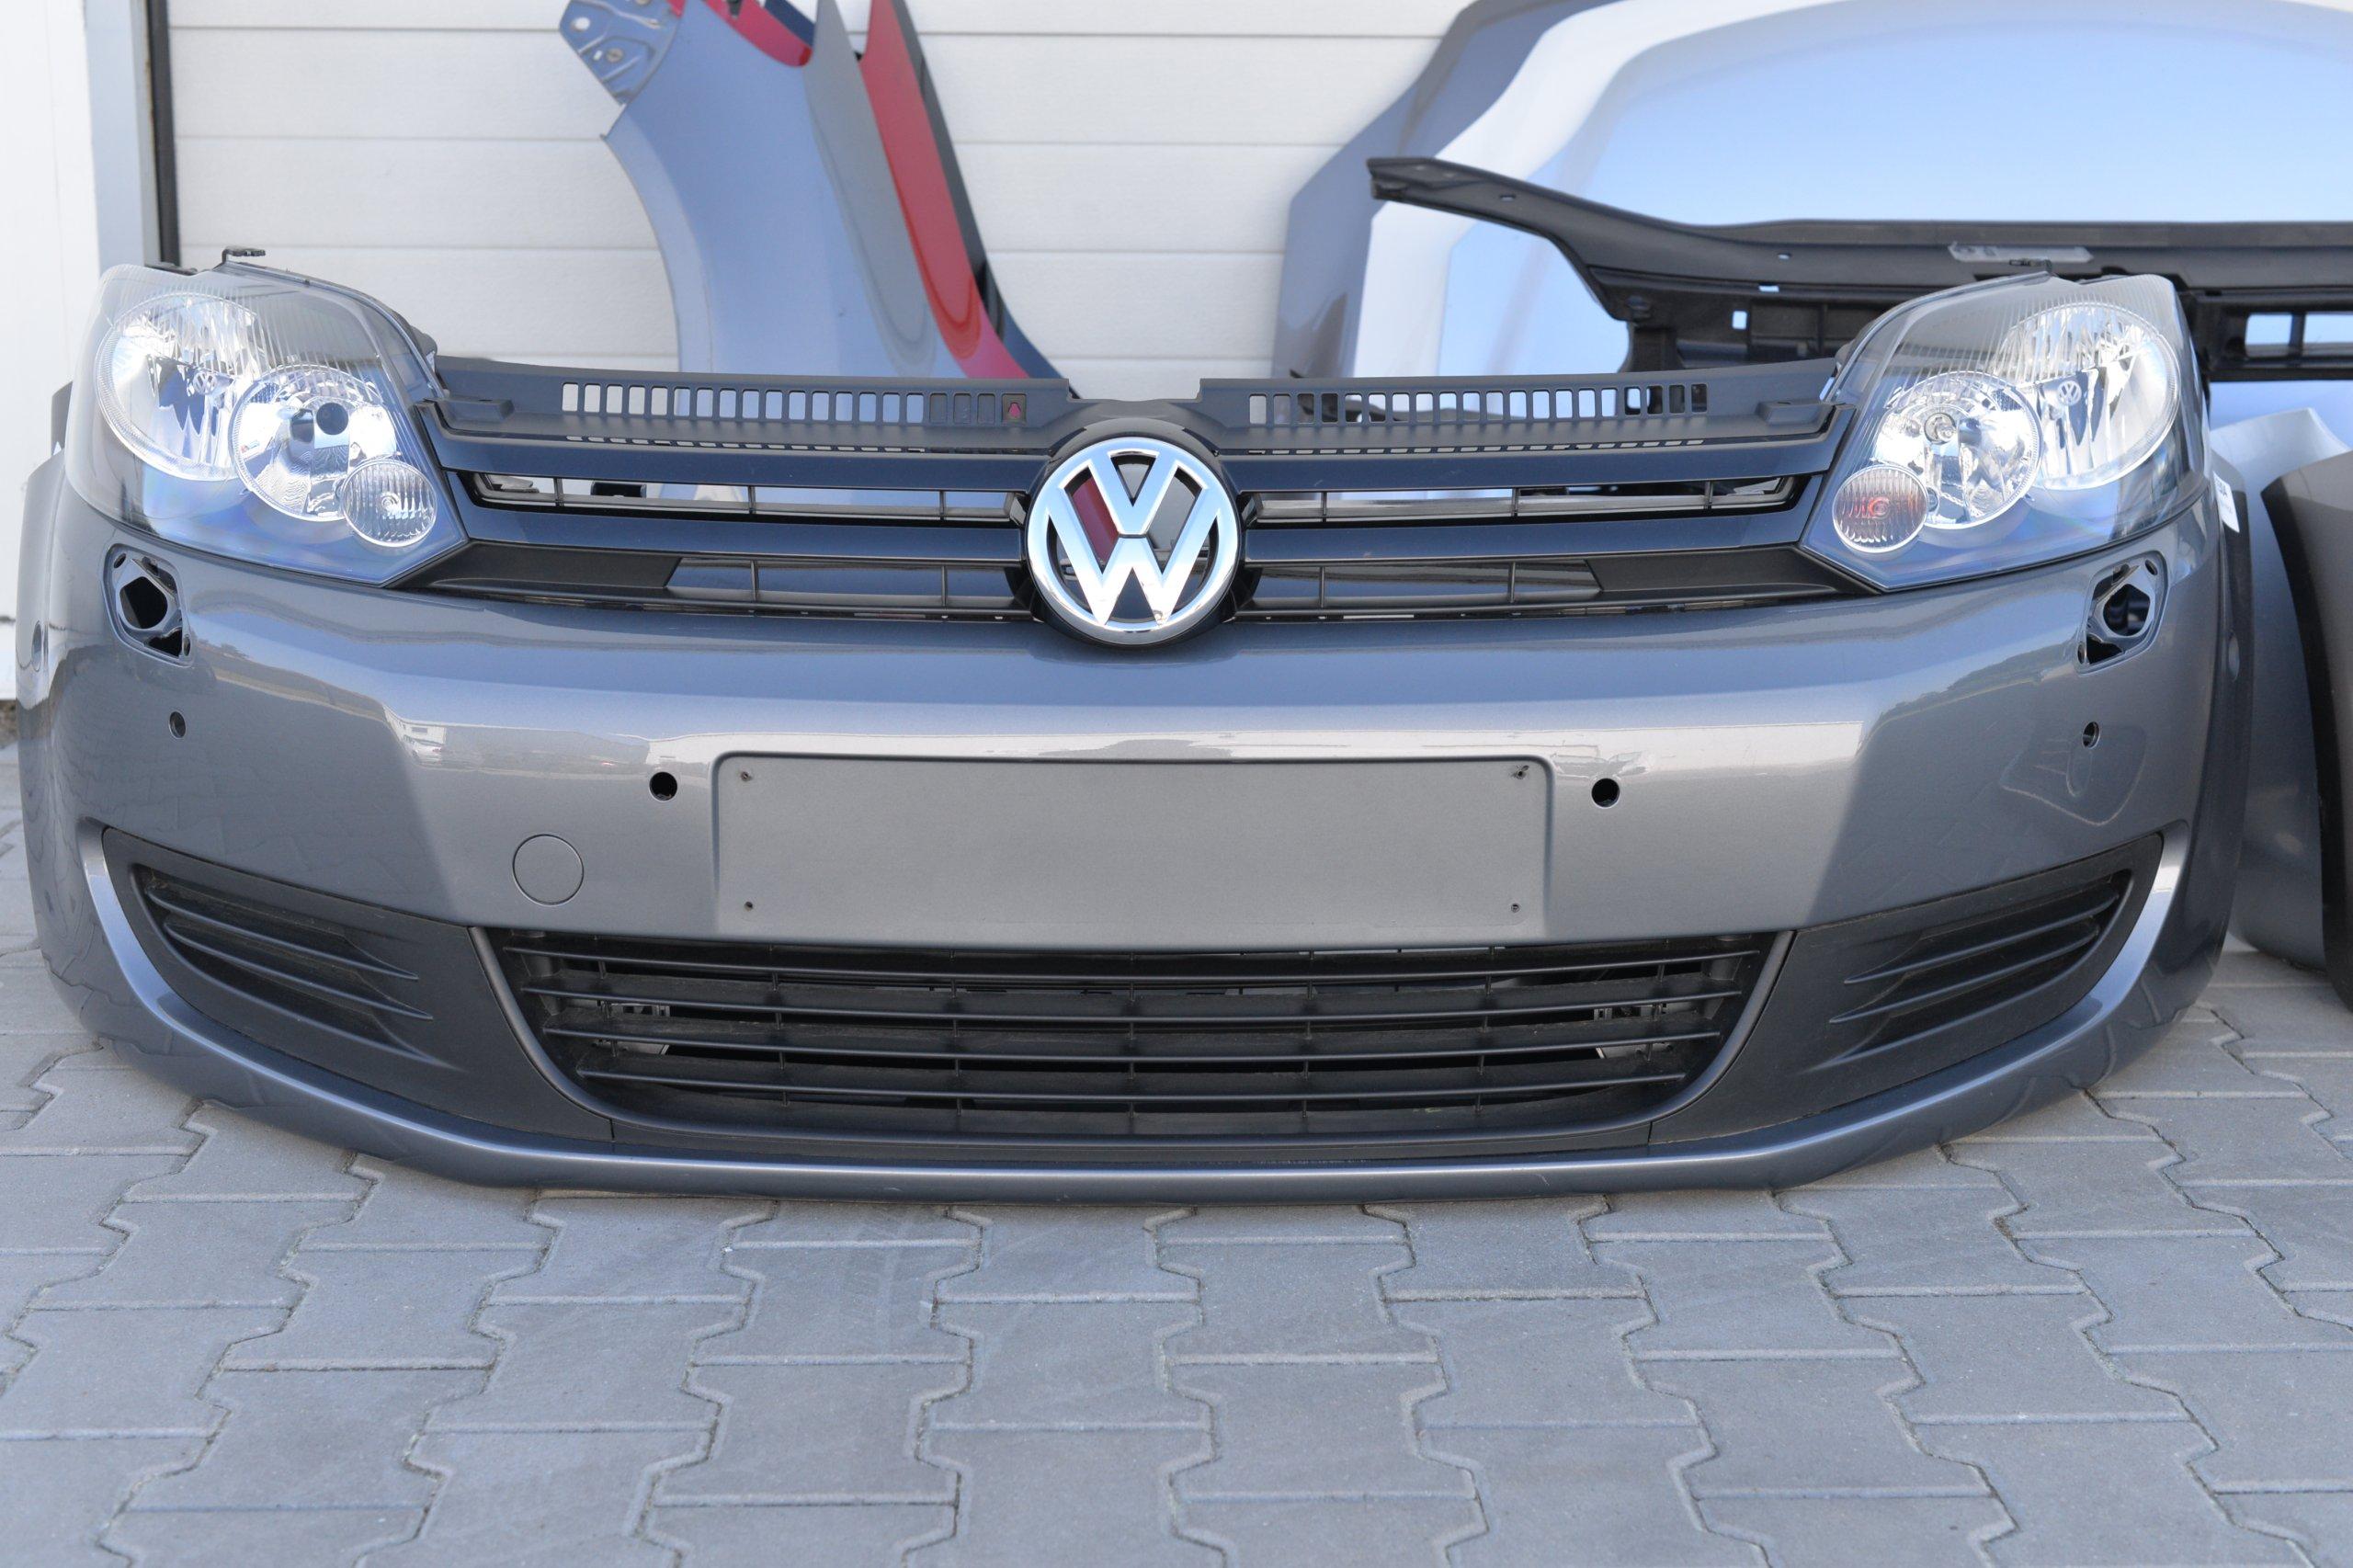 [КАПОТ ZDERZAK КРЫЛО LAMPA VW GOLF VI 6 PLUS + из Польши]изображение 3